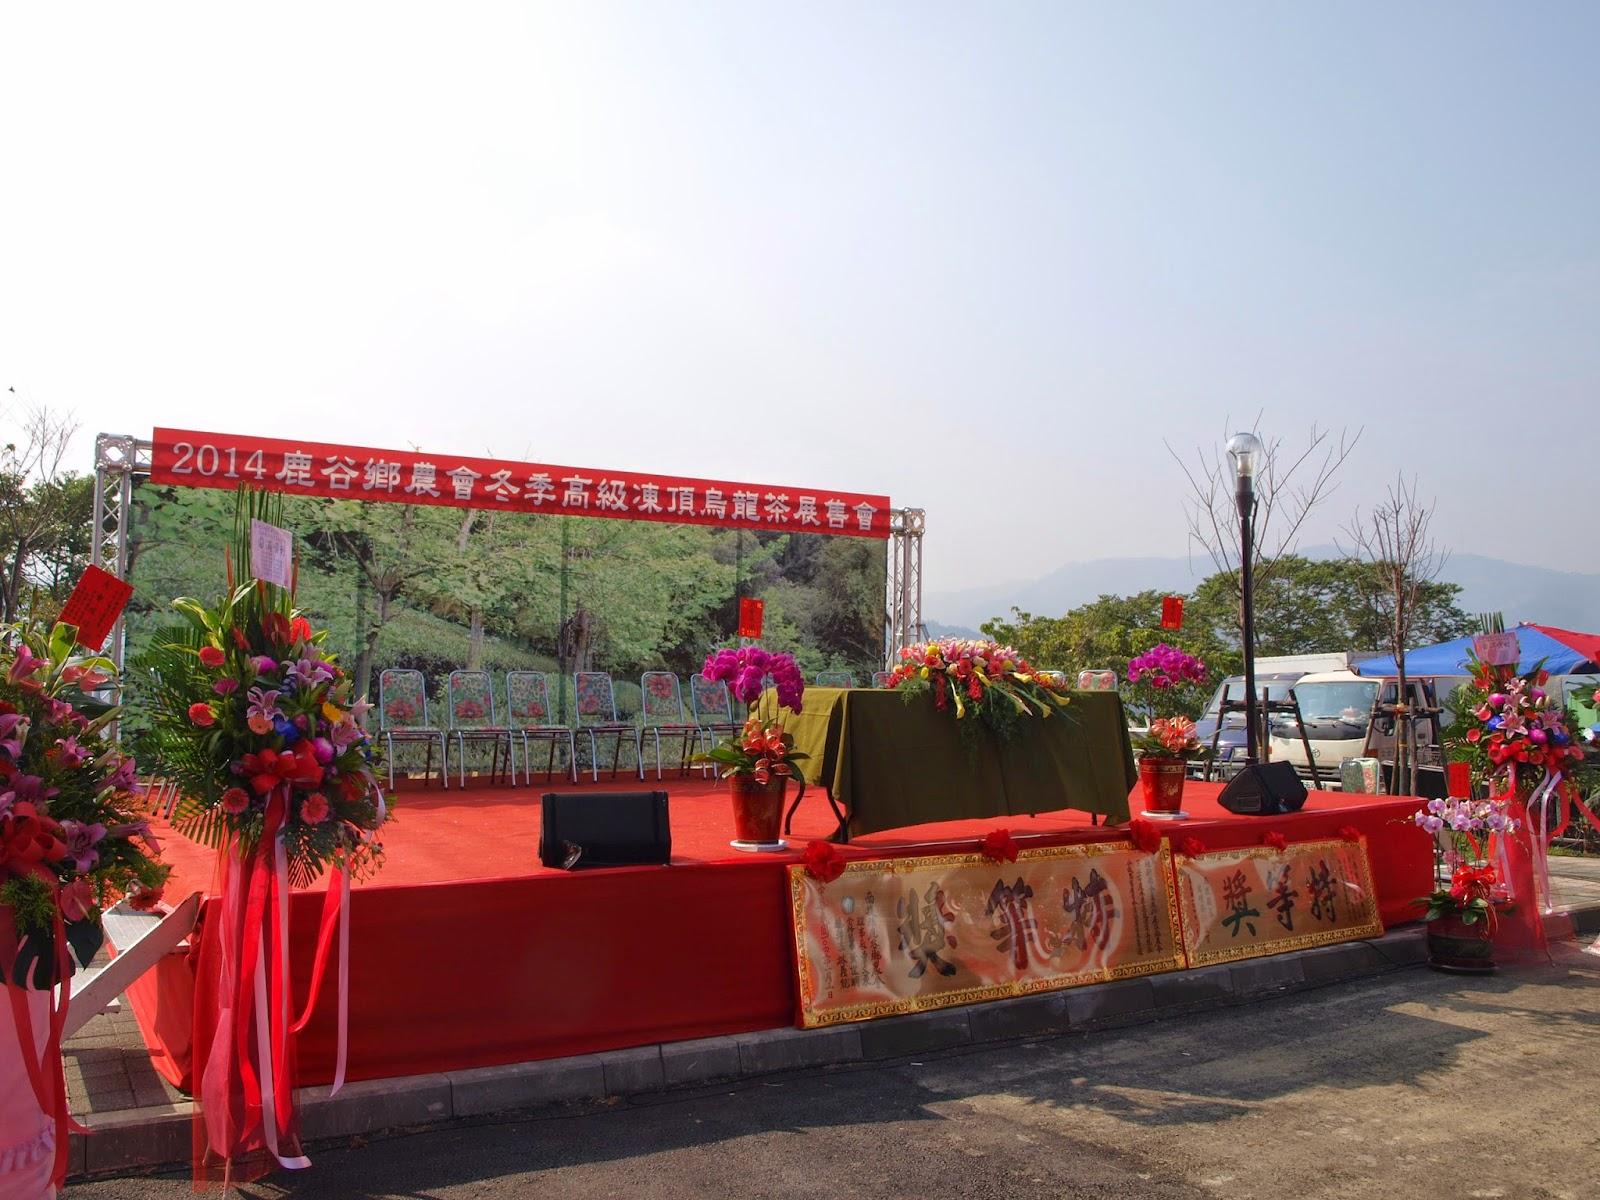 2014 鹿谷鄉農會比賽茶 冬茶 展售會